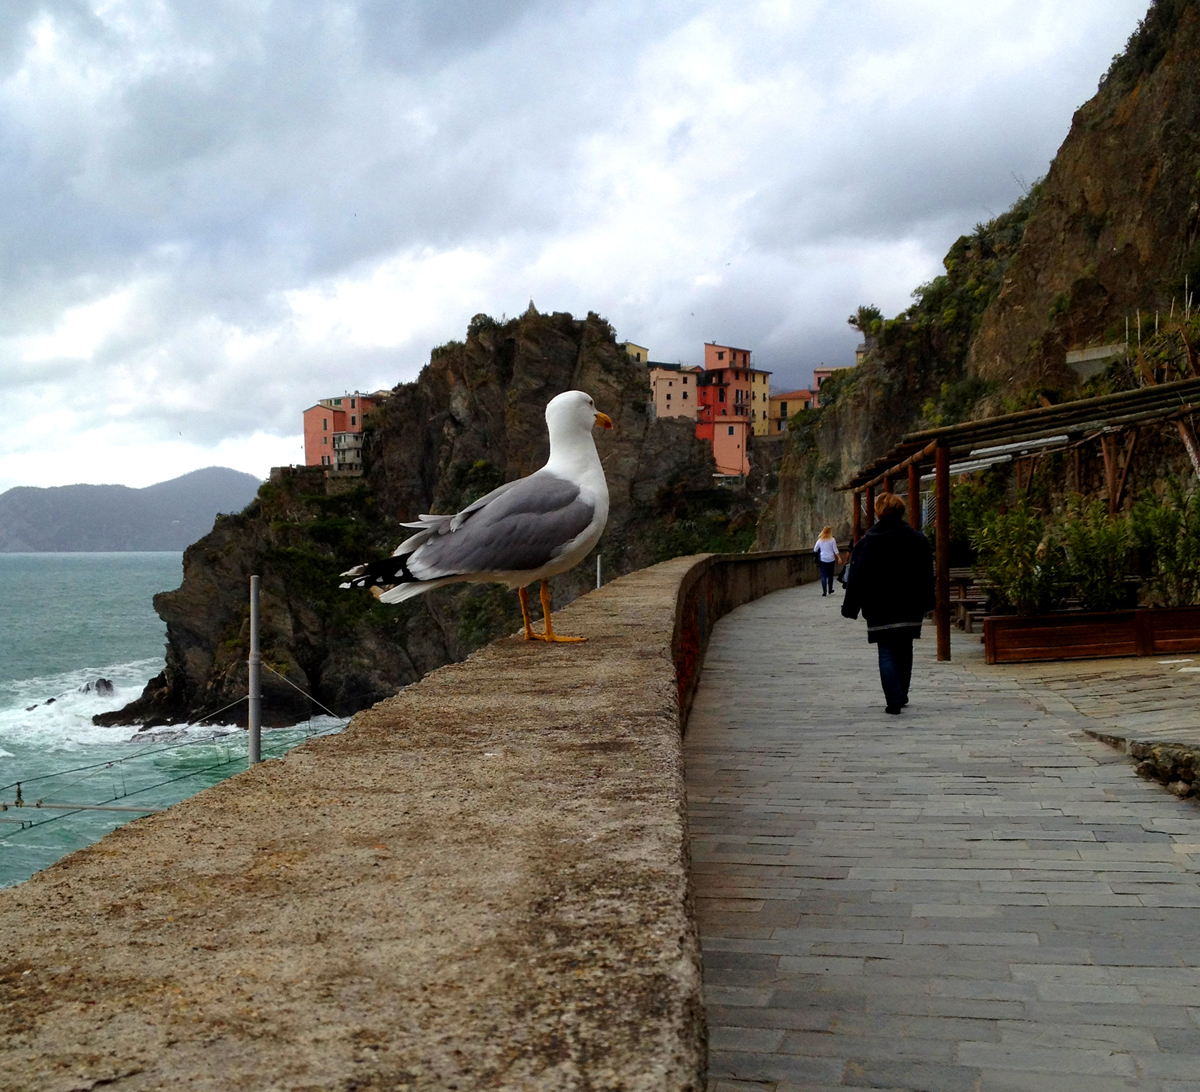 The walk from Riomaggiore to Manarola